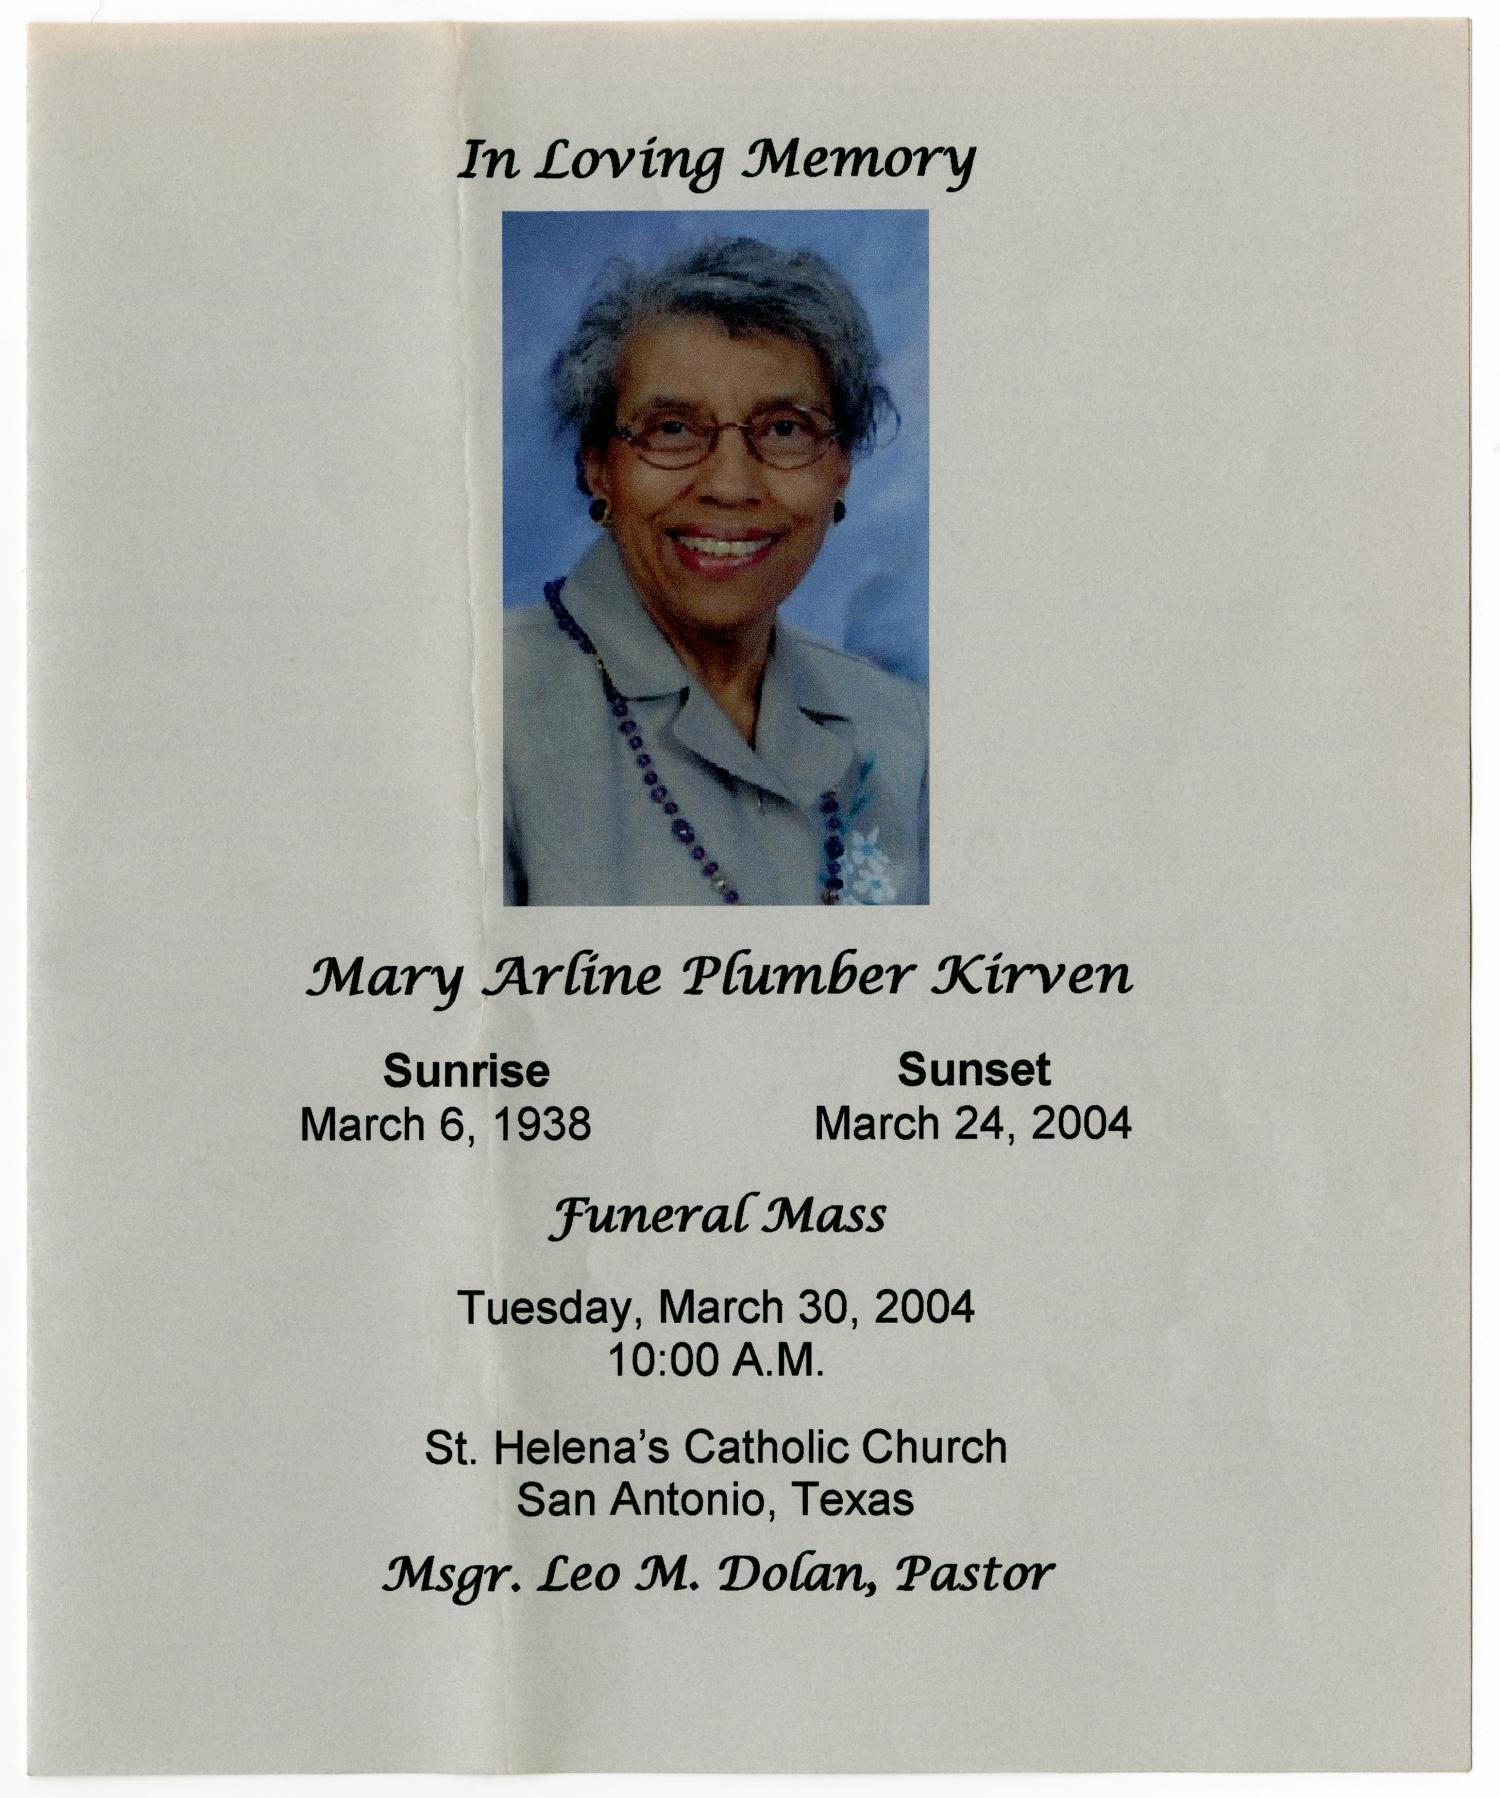 Catholic Funeral Mass Program Elegant [funeral Program for Mary Arline Plumber Kirven March 30